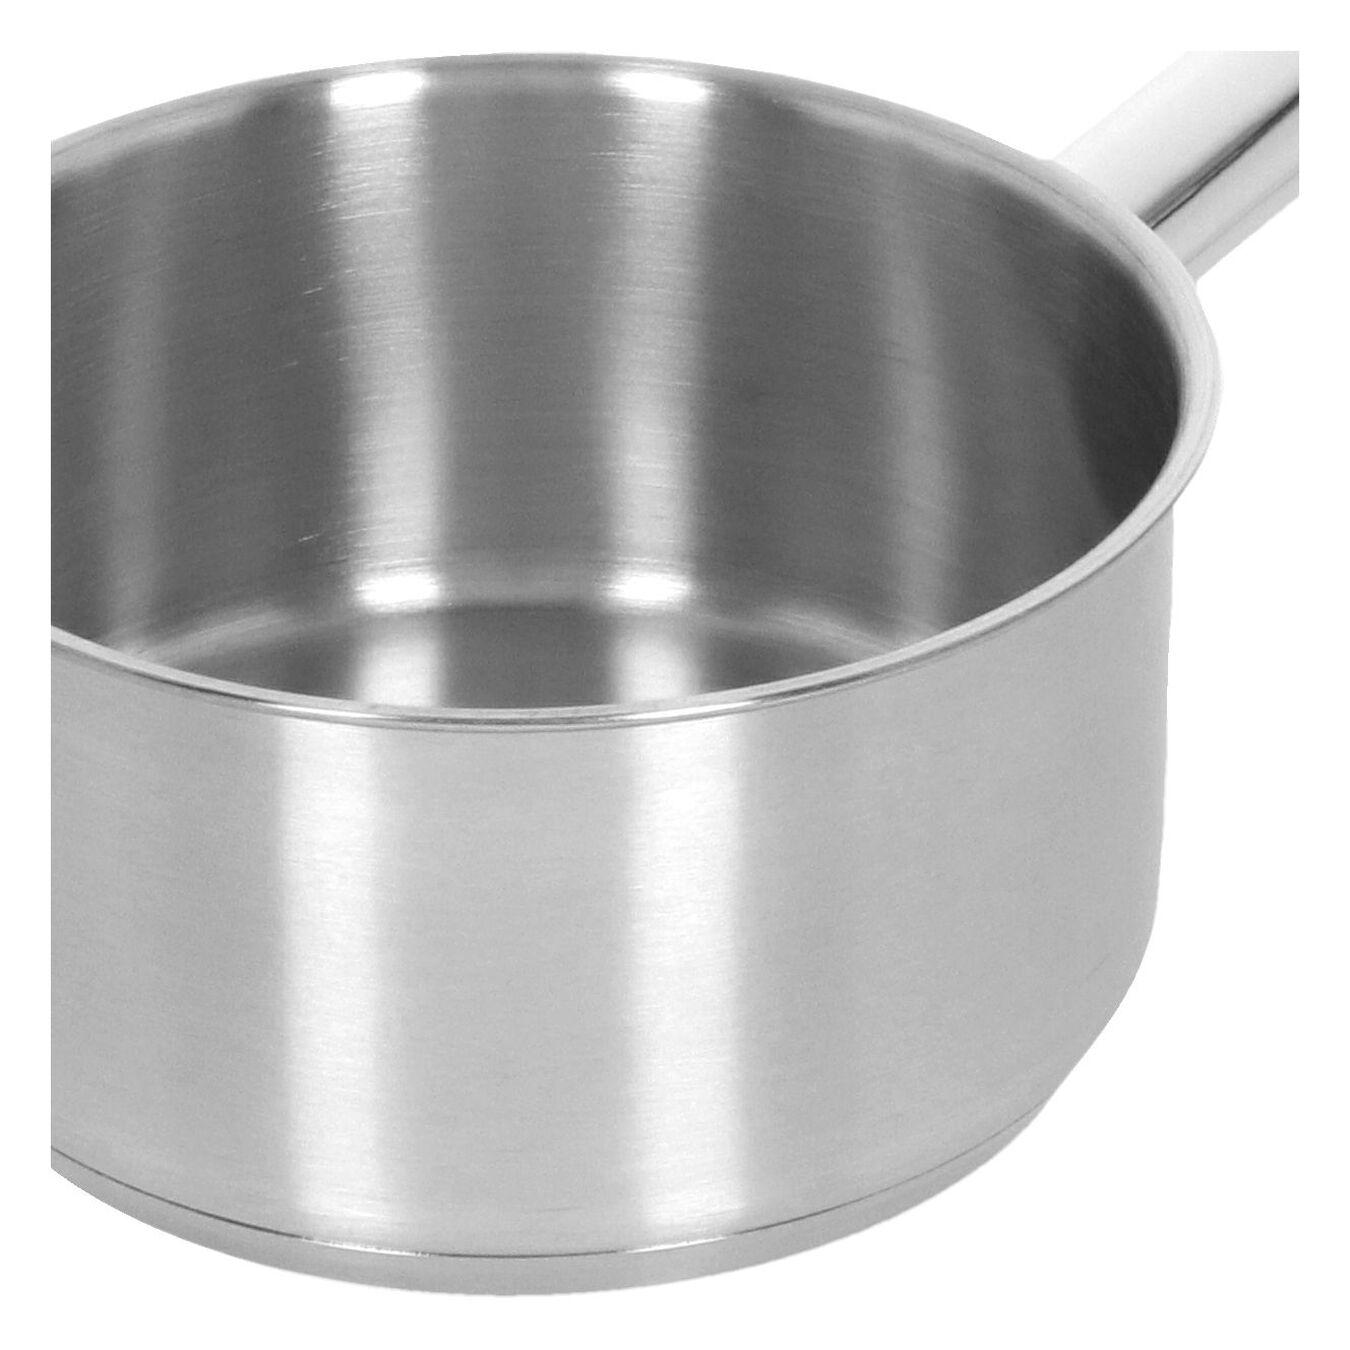 Steelpan met deksel, 14 cm / 1 l,,large 4